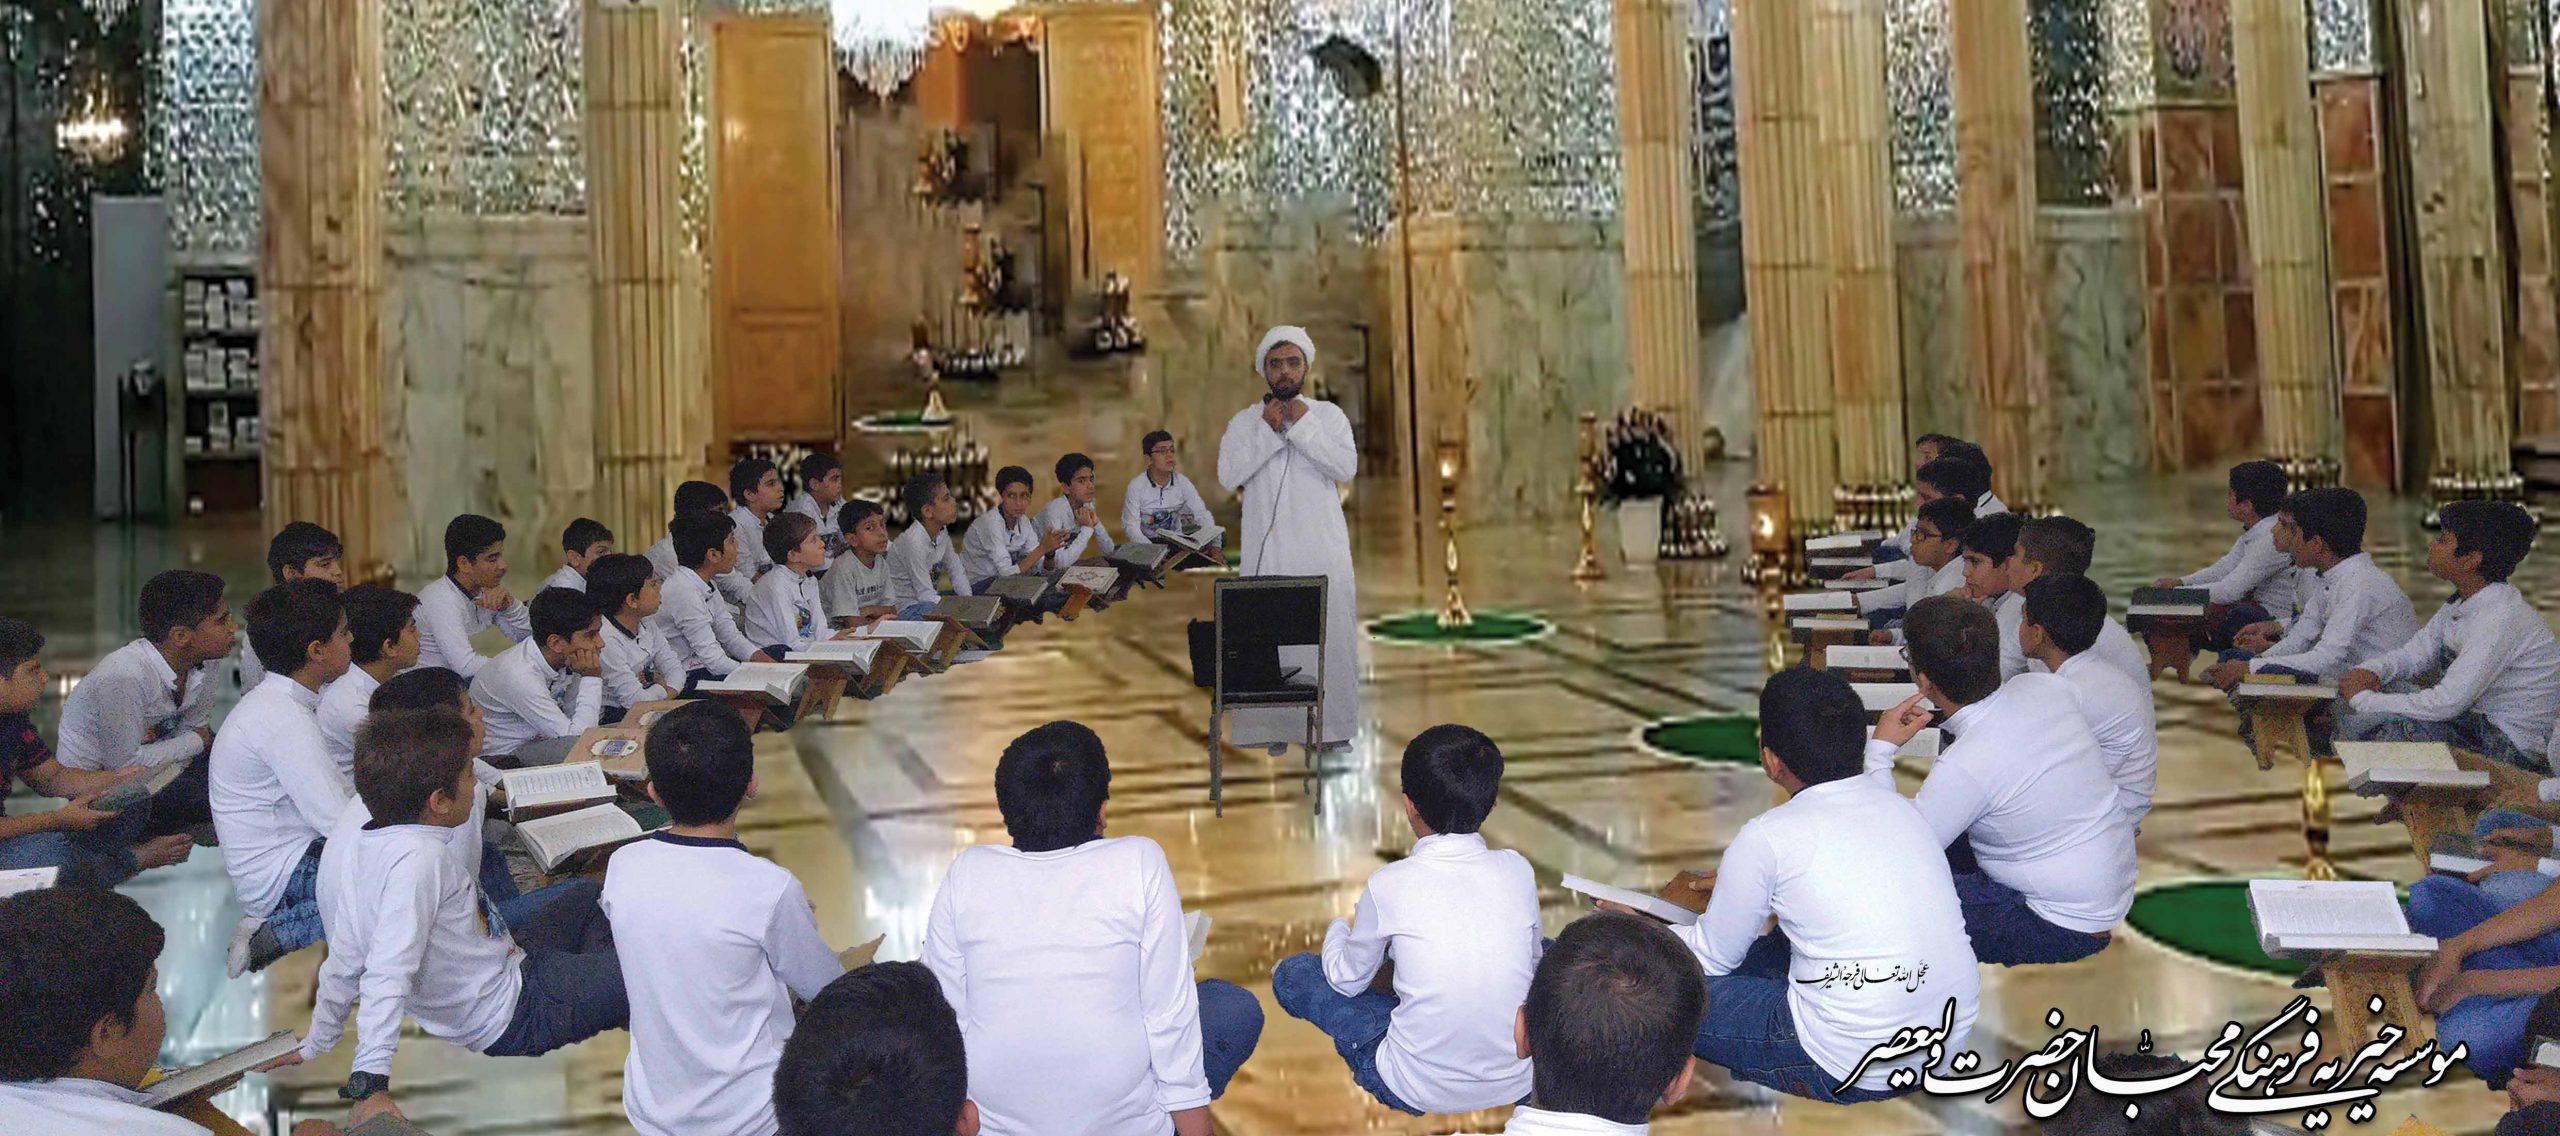 جلسات داستان های قرآنی